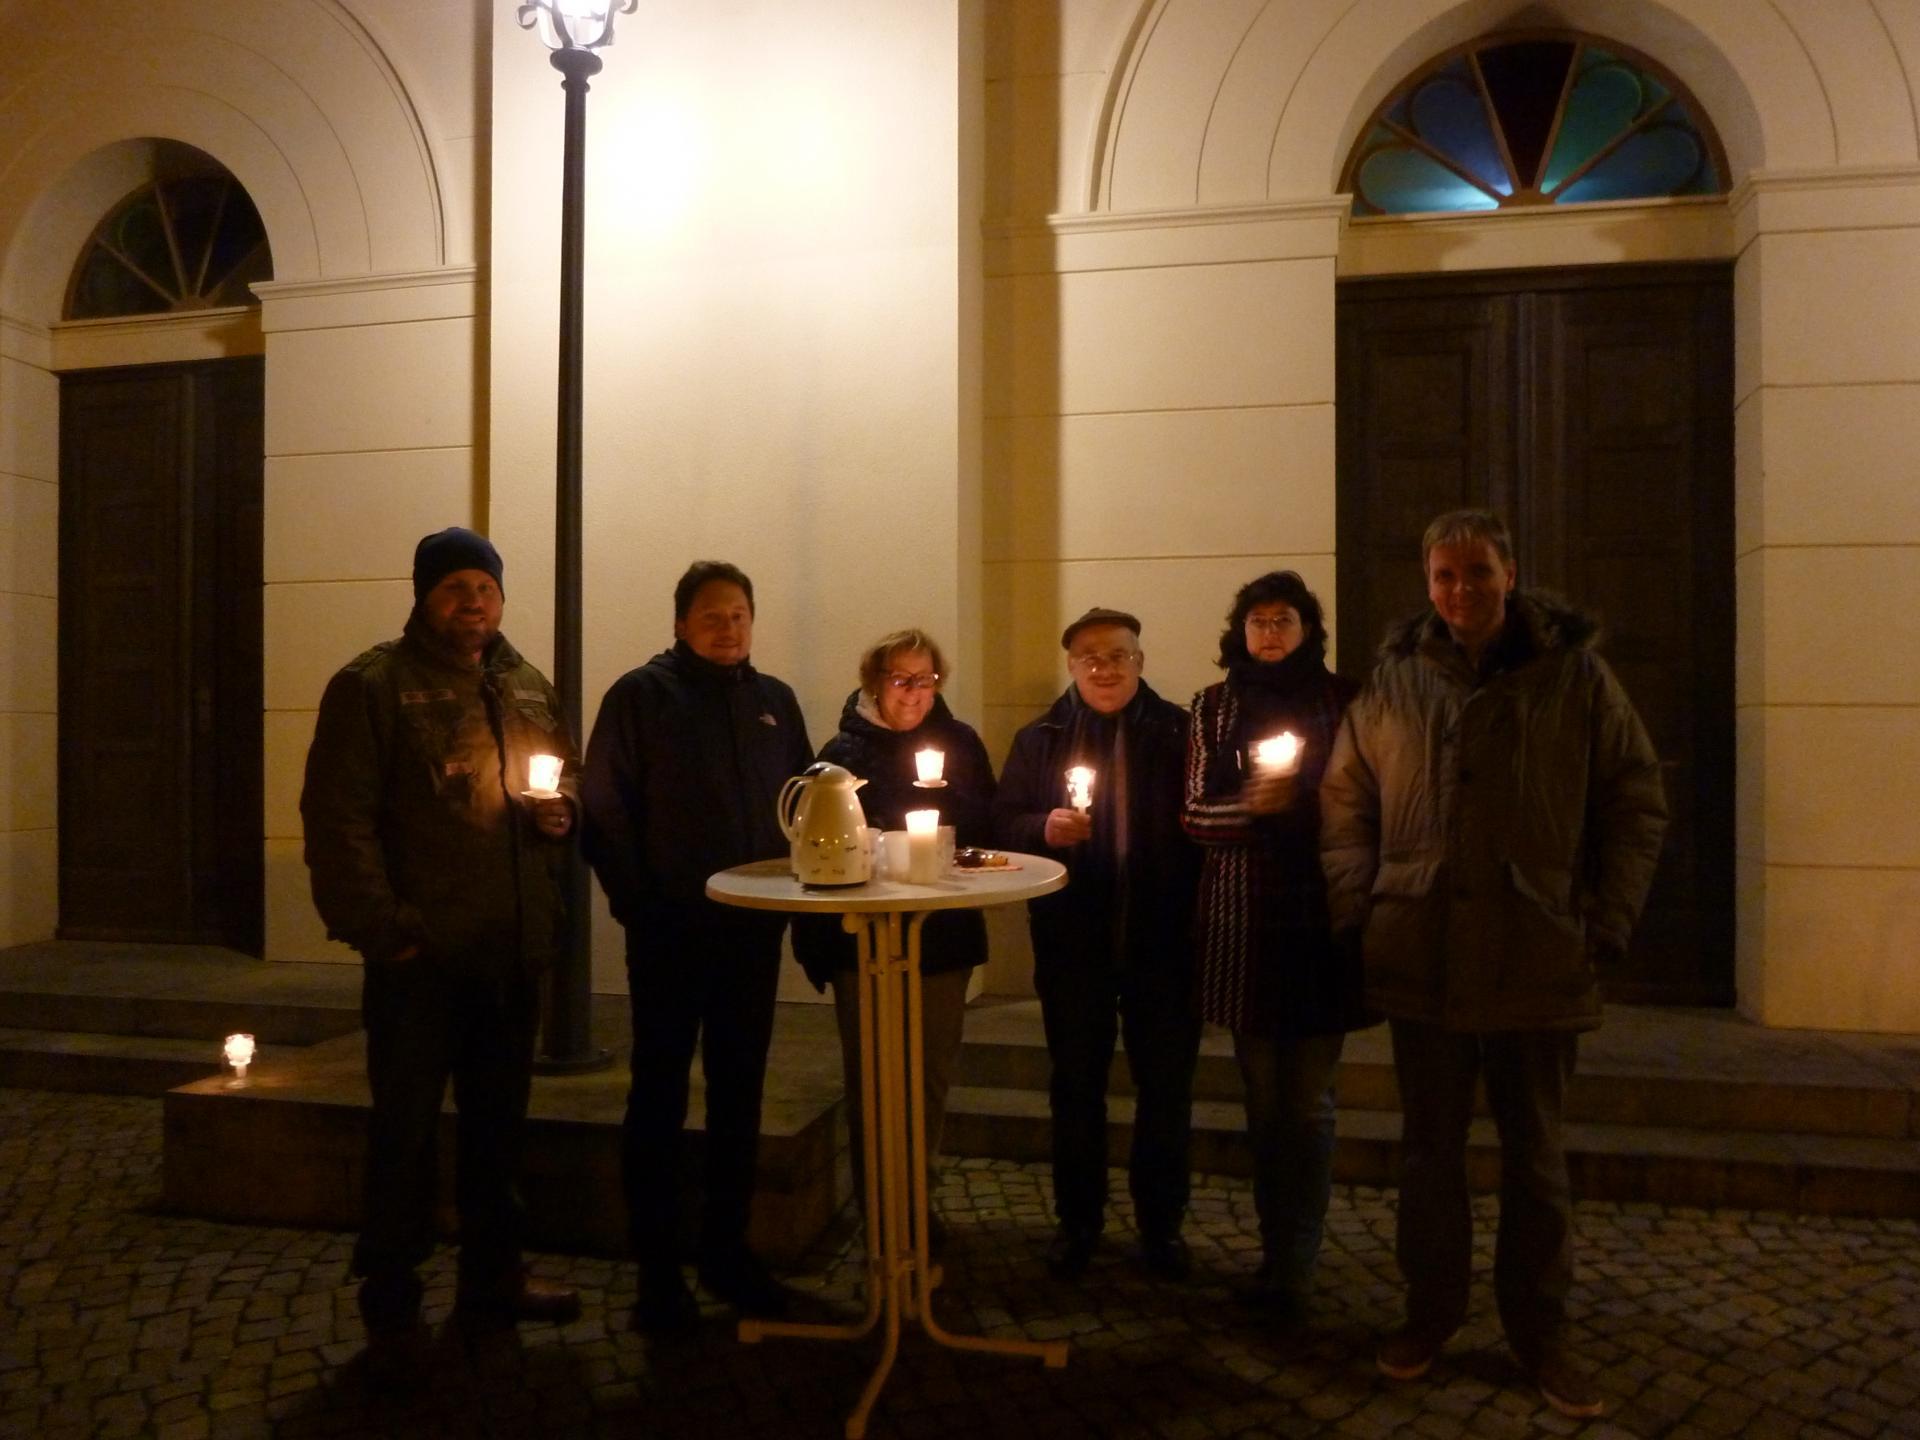 Mahnwache vor der St. Nicolaikirche am 17.1.2020